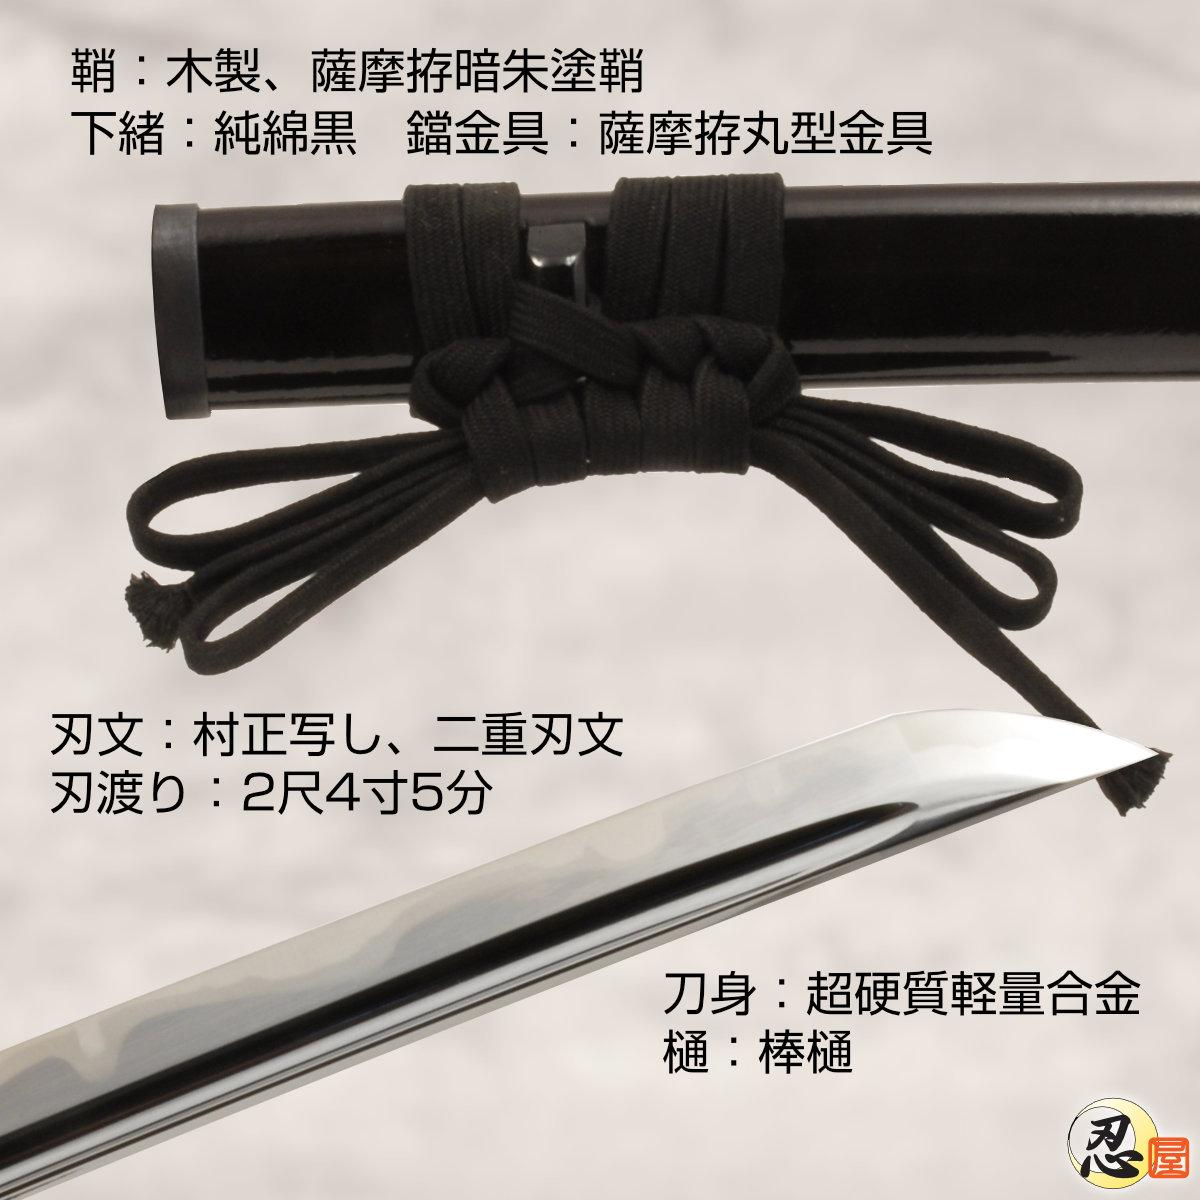 高級居合刀 西郷隆盛愛刀 薩摩拵 報国村正(刀袋付き) 模擬刀剣証明書付き